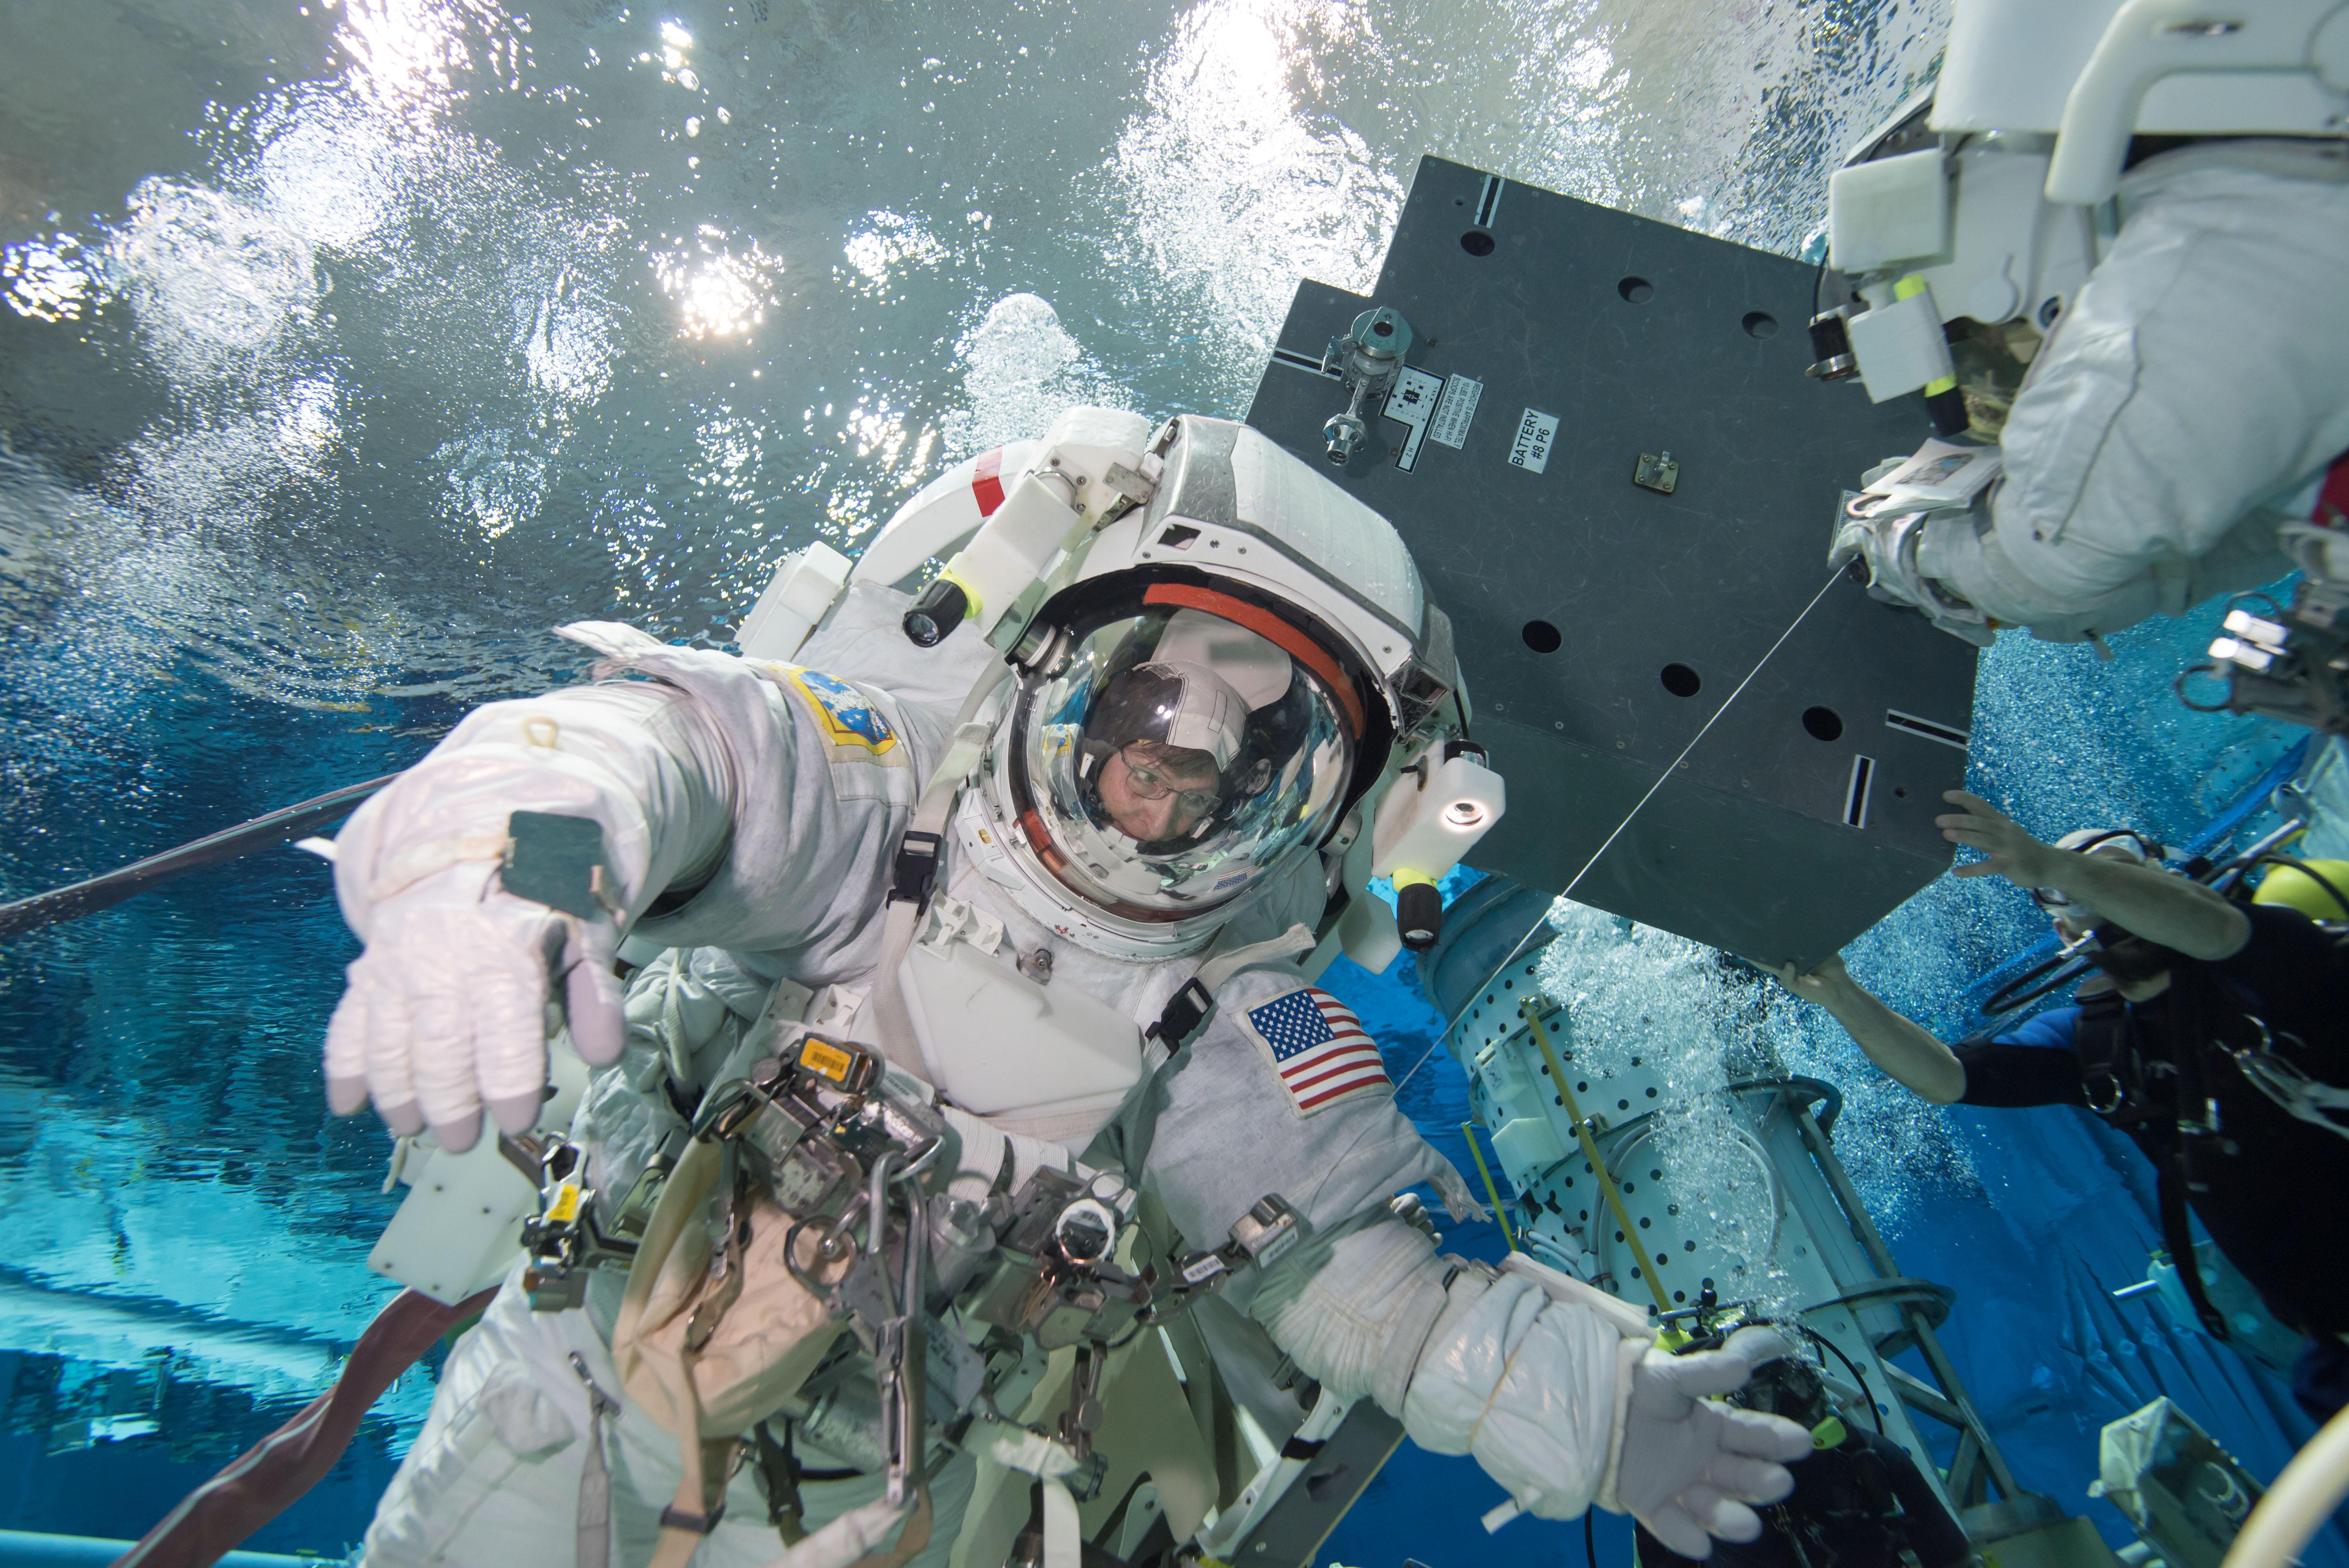 Astronaut Peggy Whitson Trains For a Spacewalk | NASA